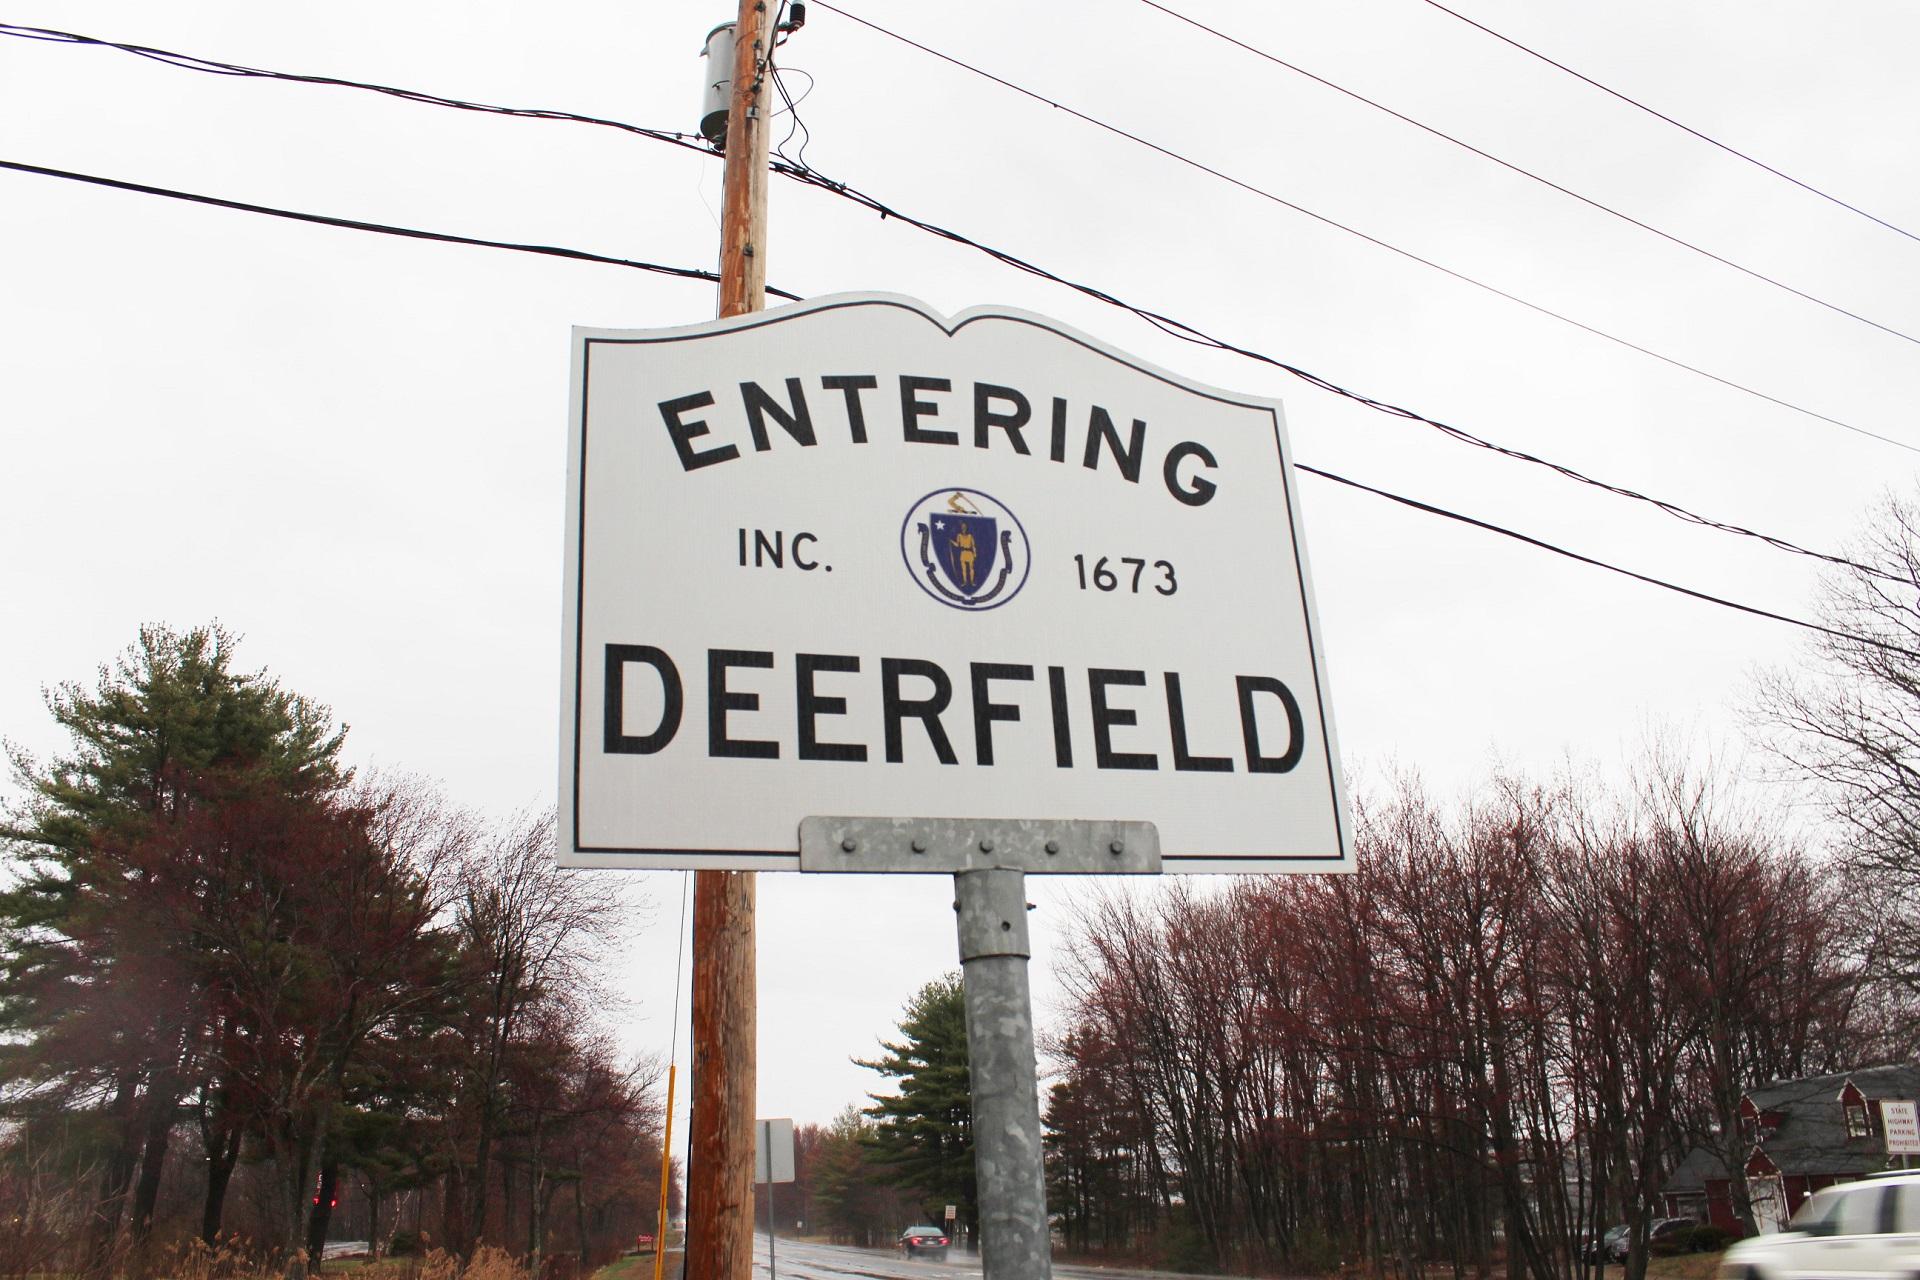 TownSigns_Deerfield_1530650395558.jpg